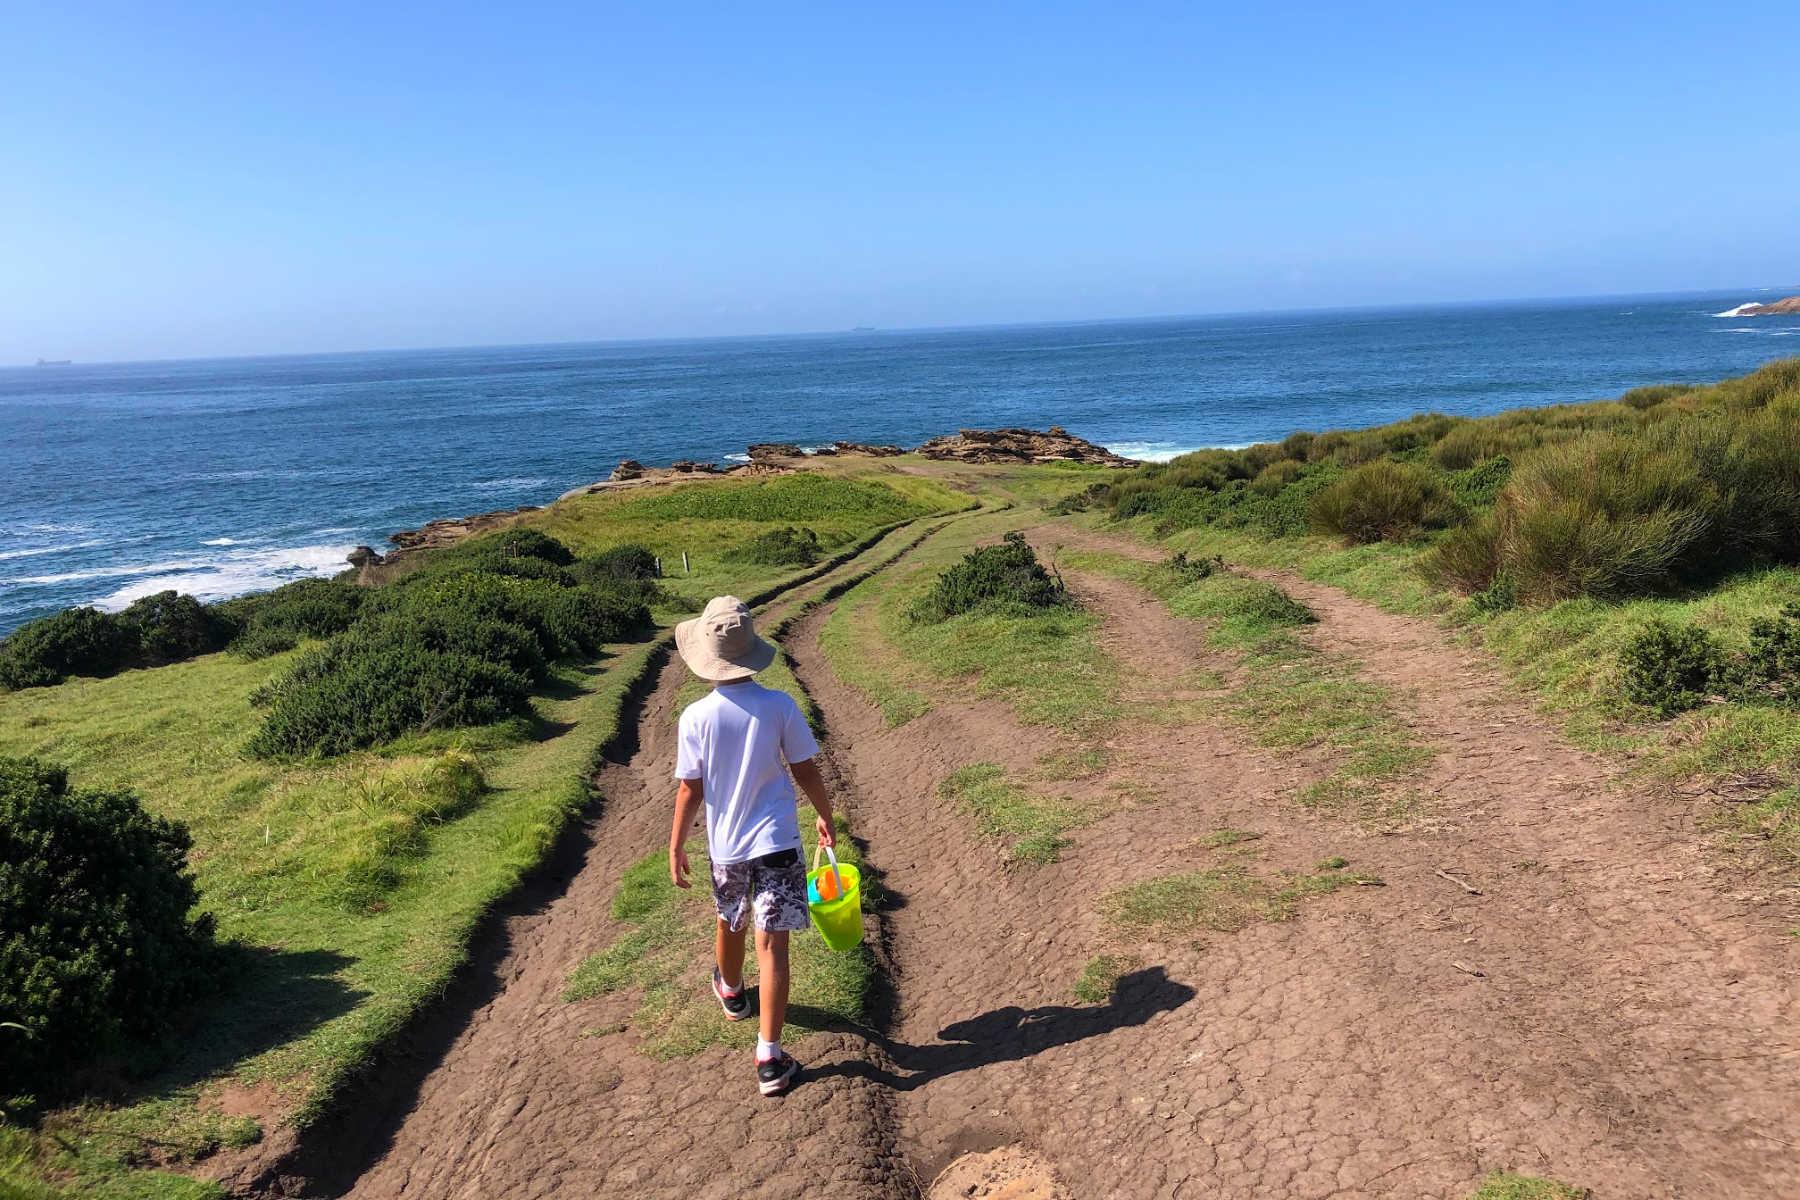 caves-beach-walk-pinny-beach-nsw-quarries-head